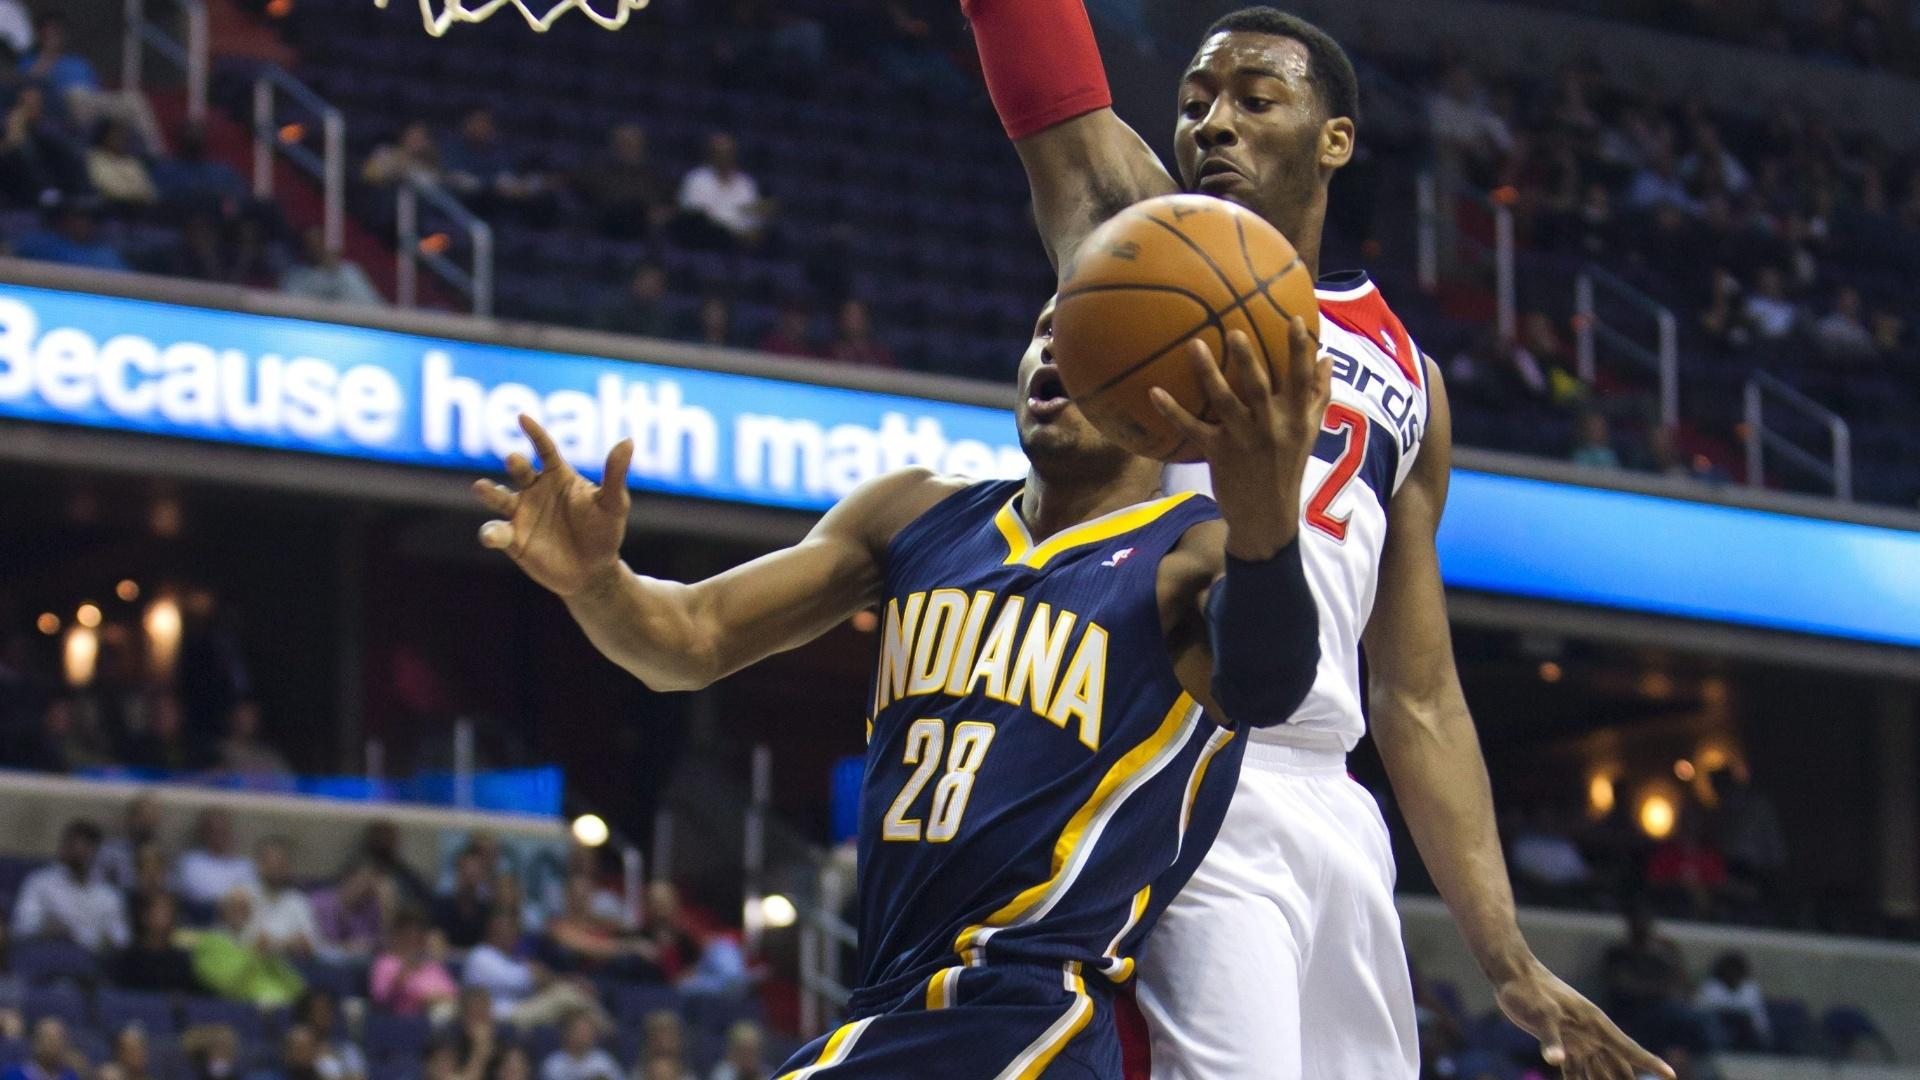 Leandrinho, do Indiana Pacers, encara a marcação do jogador do Washington Wizards